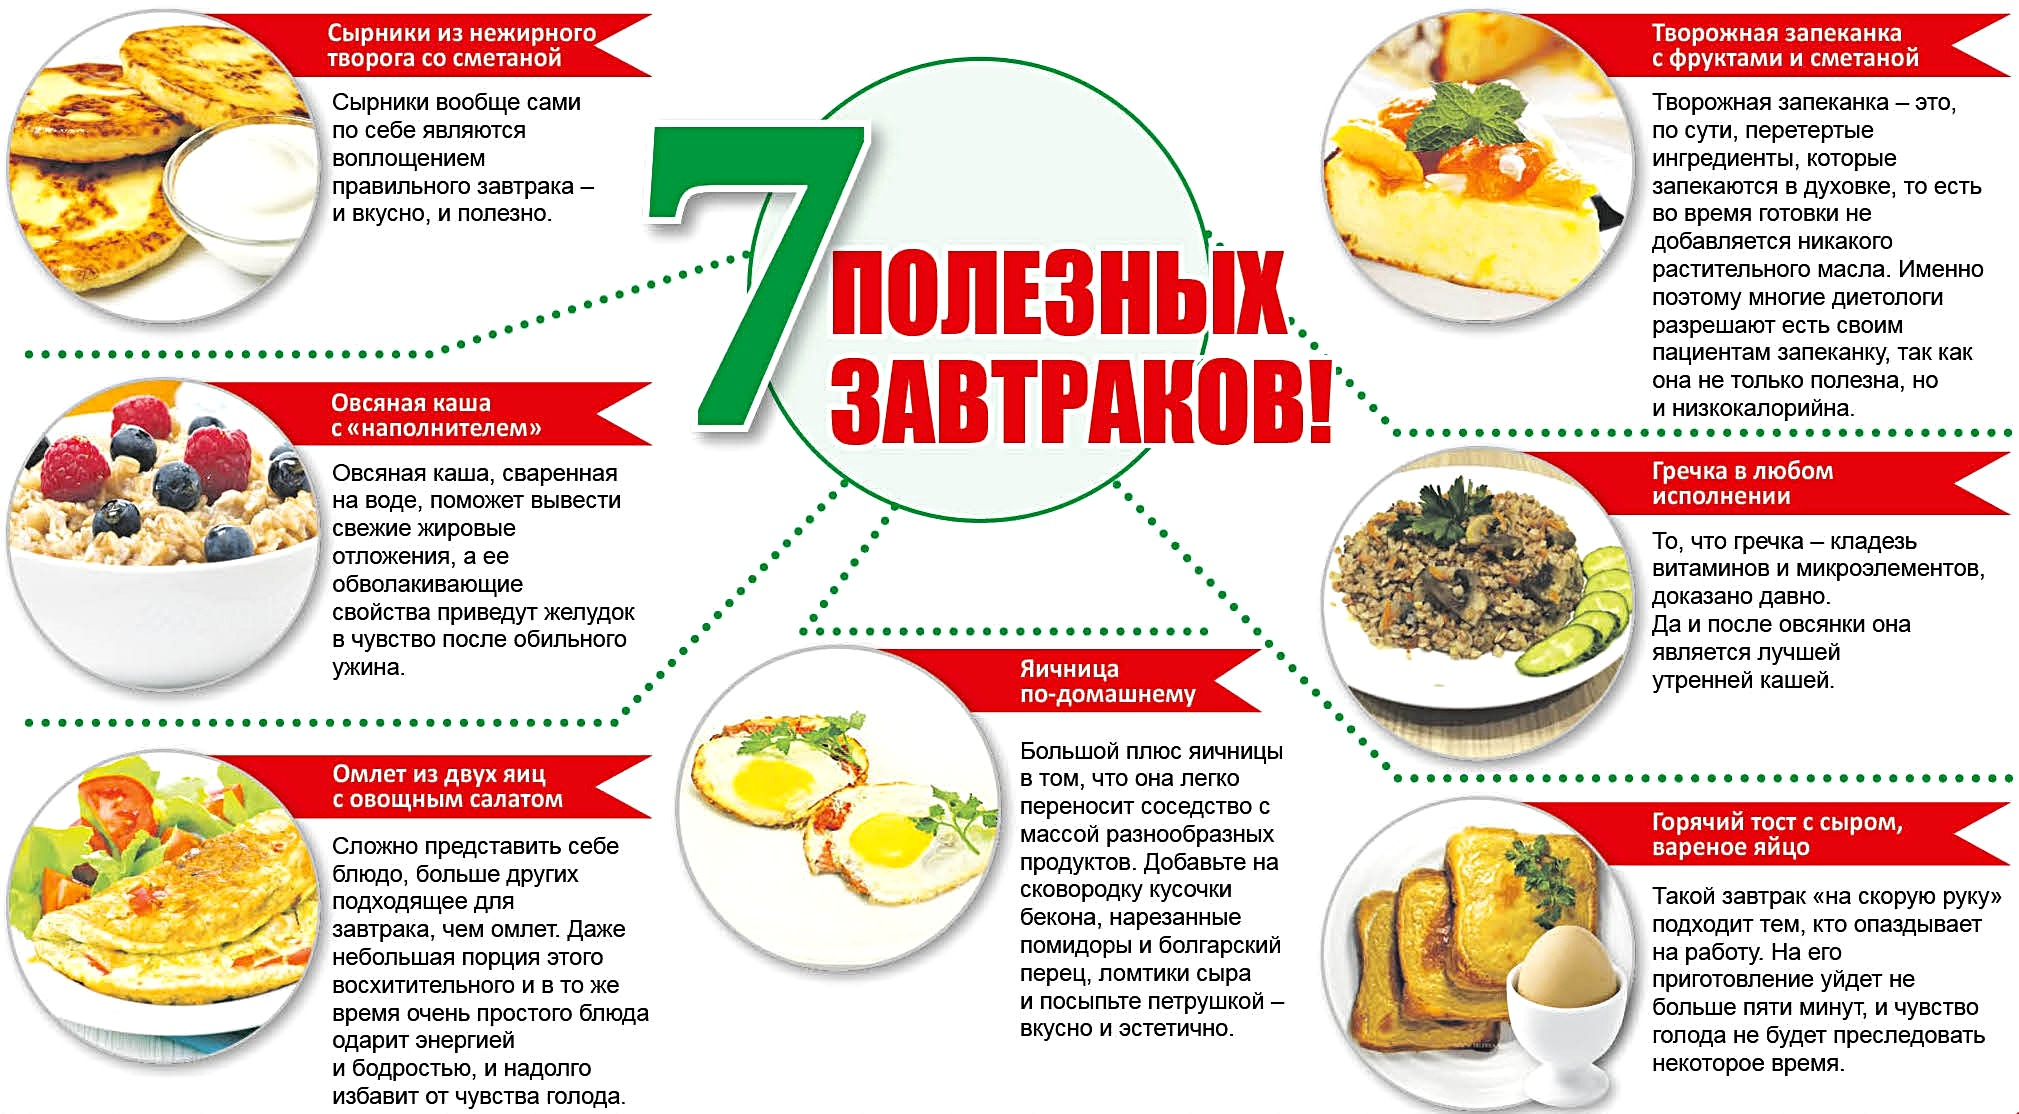 Какие Простые Рецепты Для Похудения. 15 эффективных средств для похудения в домашних условиях всего за 2 недели